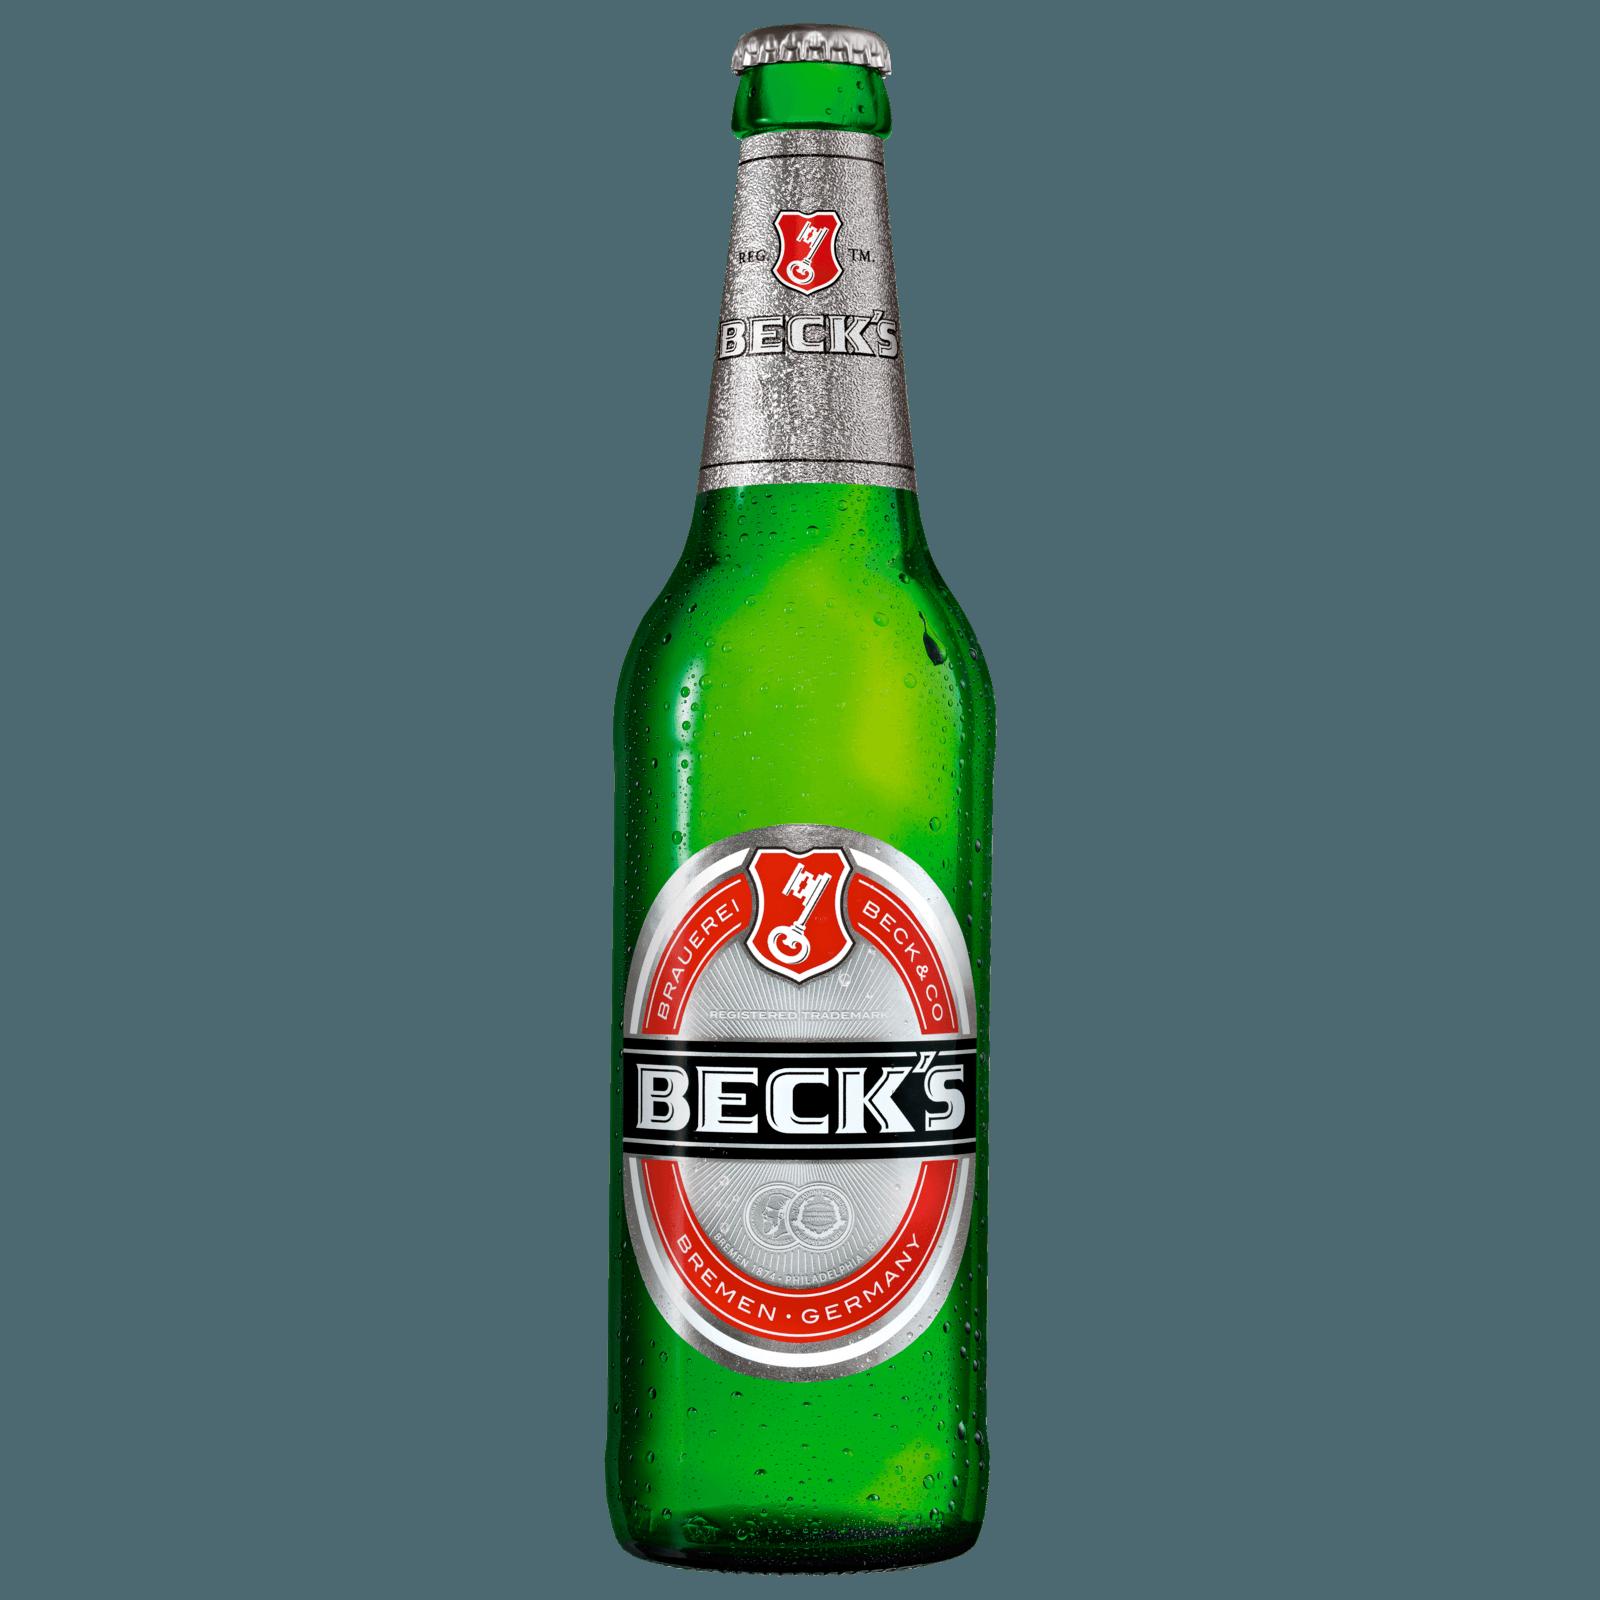 becks angebot rewe